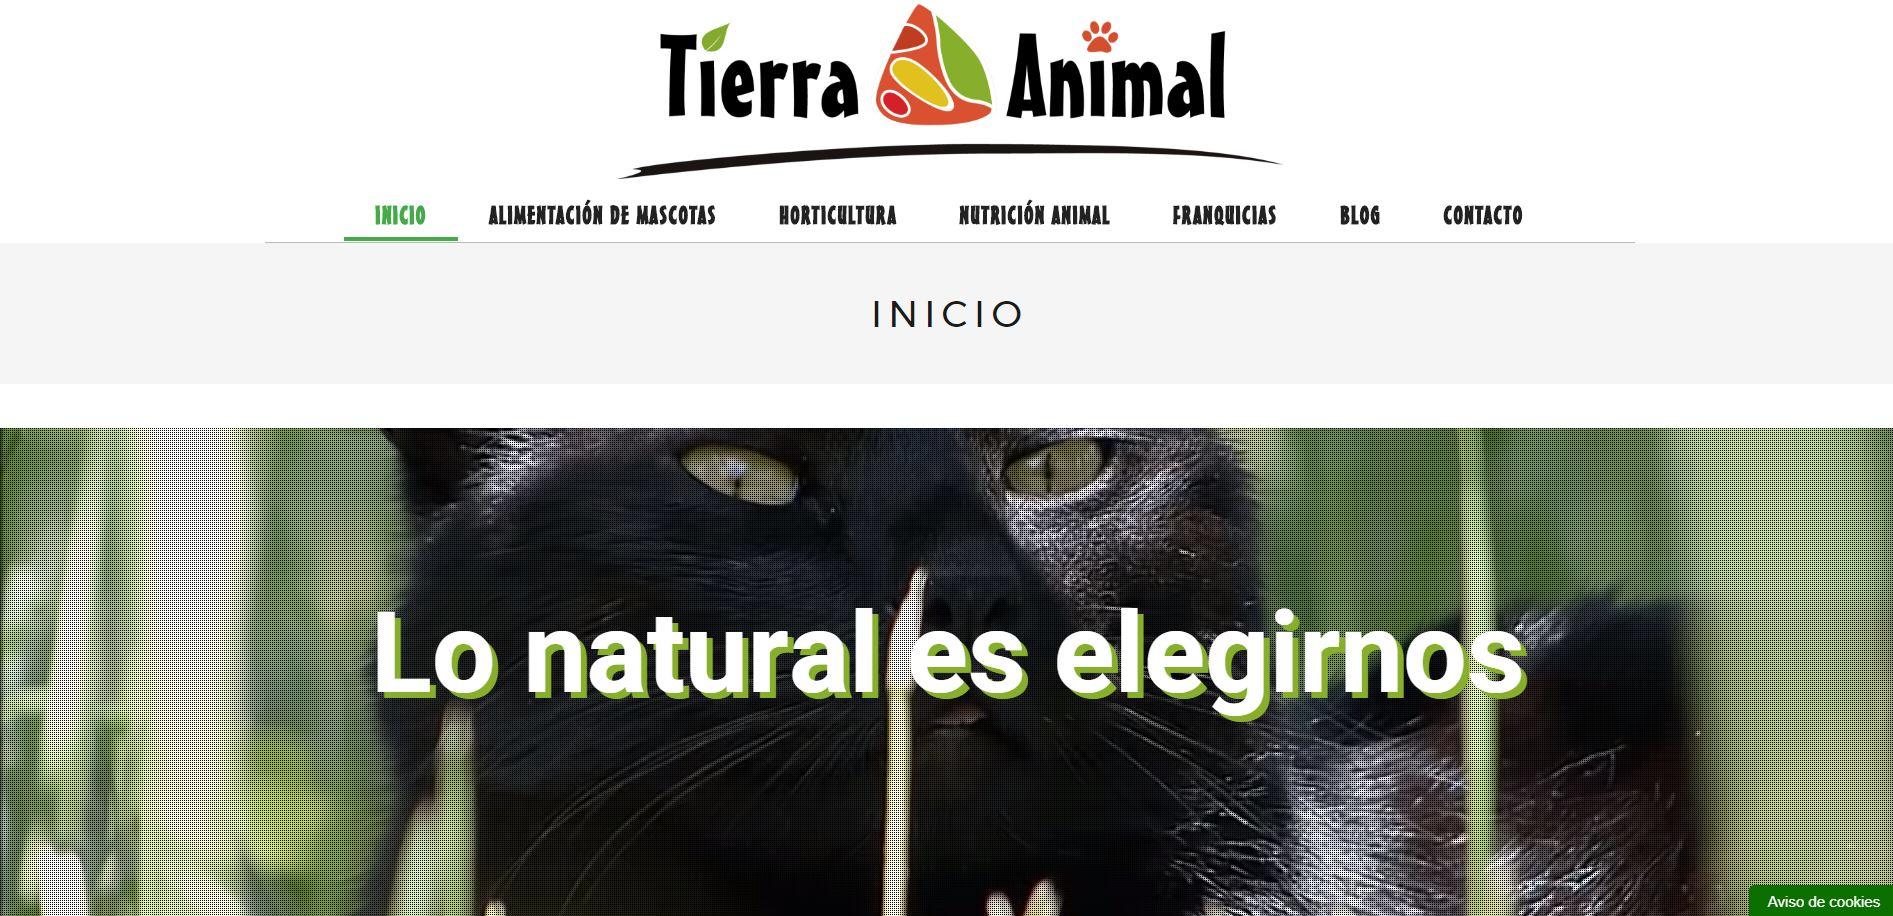 La franquicia Tierra Animal presenta su nueva página web